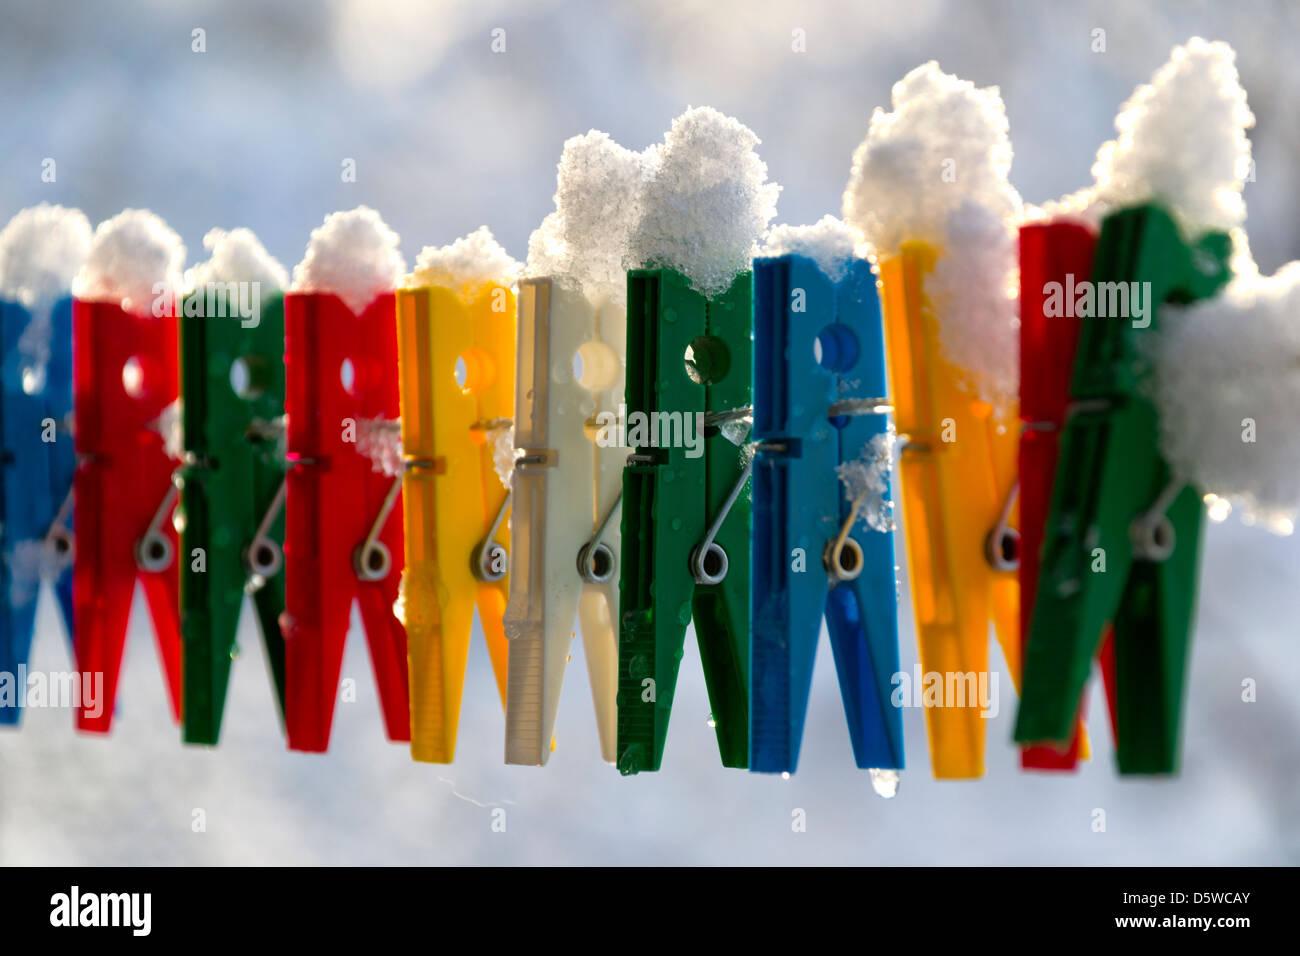 Ligne de lavage avec une rangée de pions colorés couverts de neige d'attente dans une ligne Photo Stock